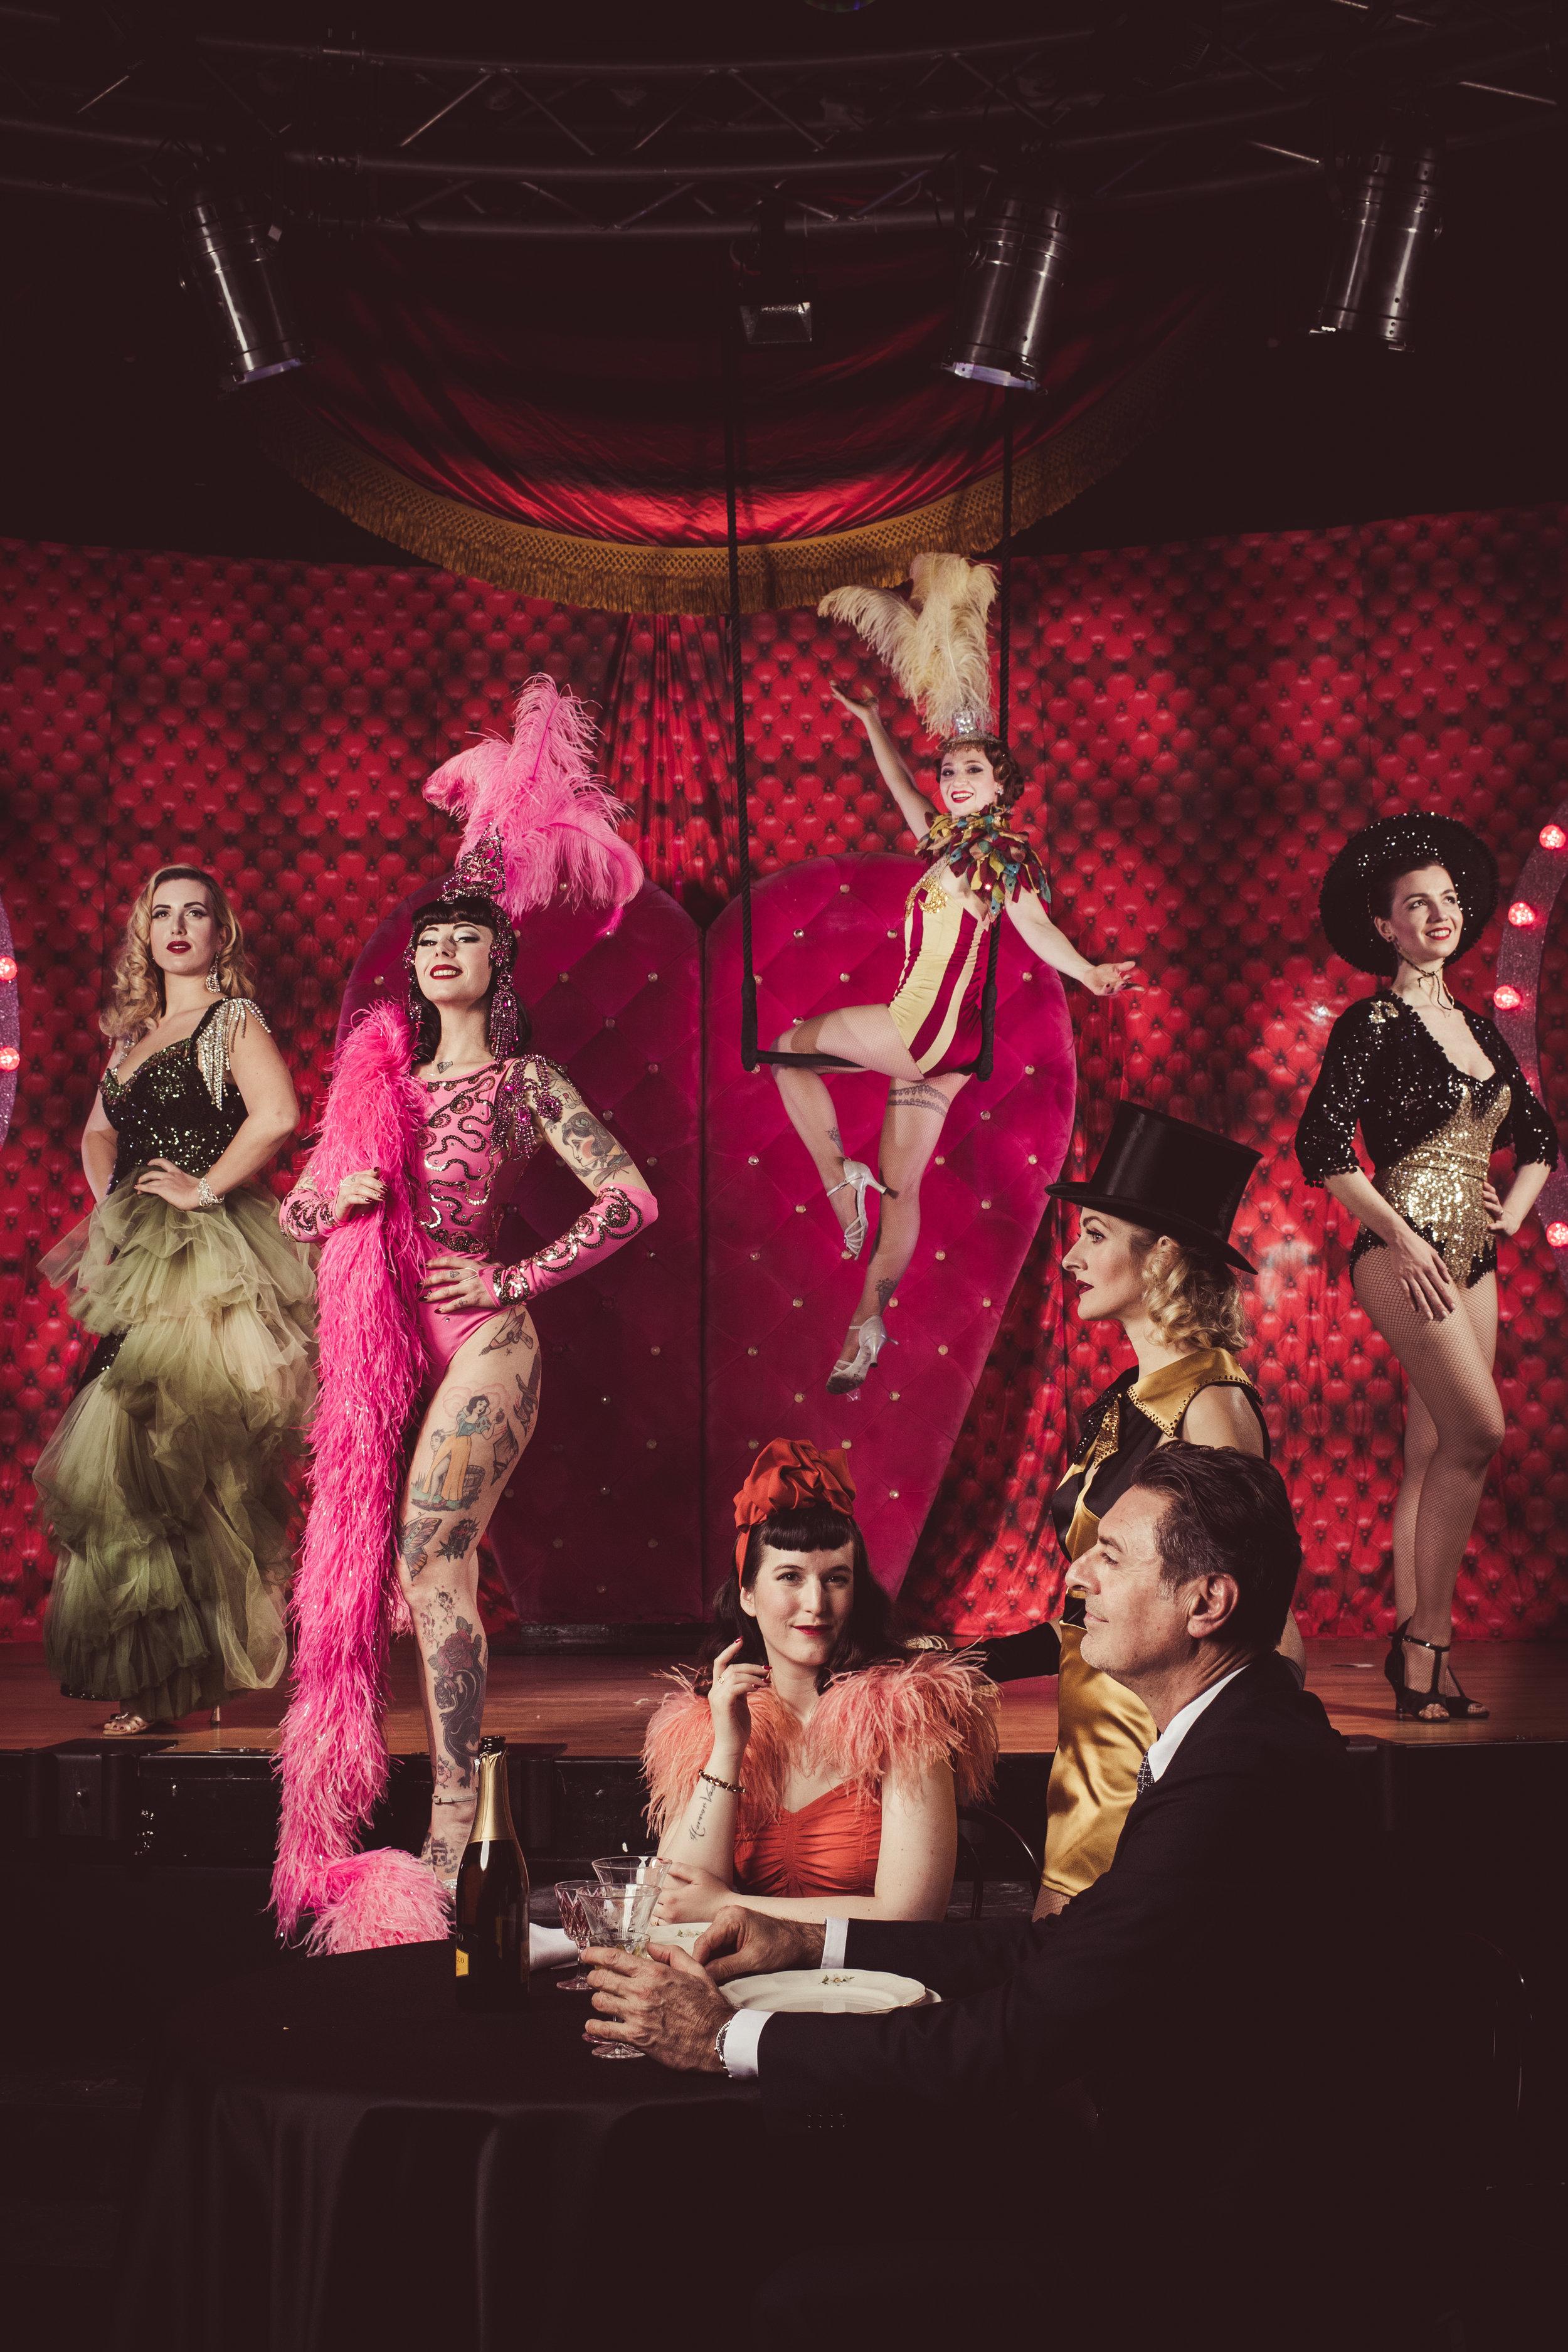 Royal Burlesque Milano